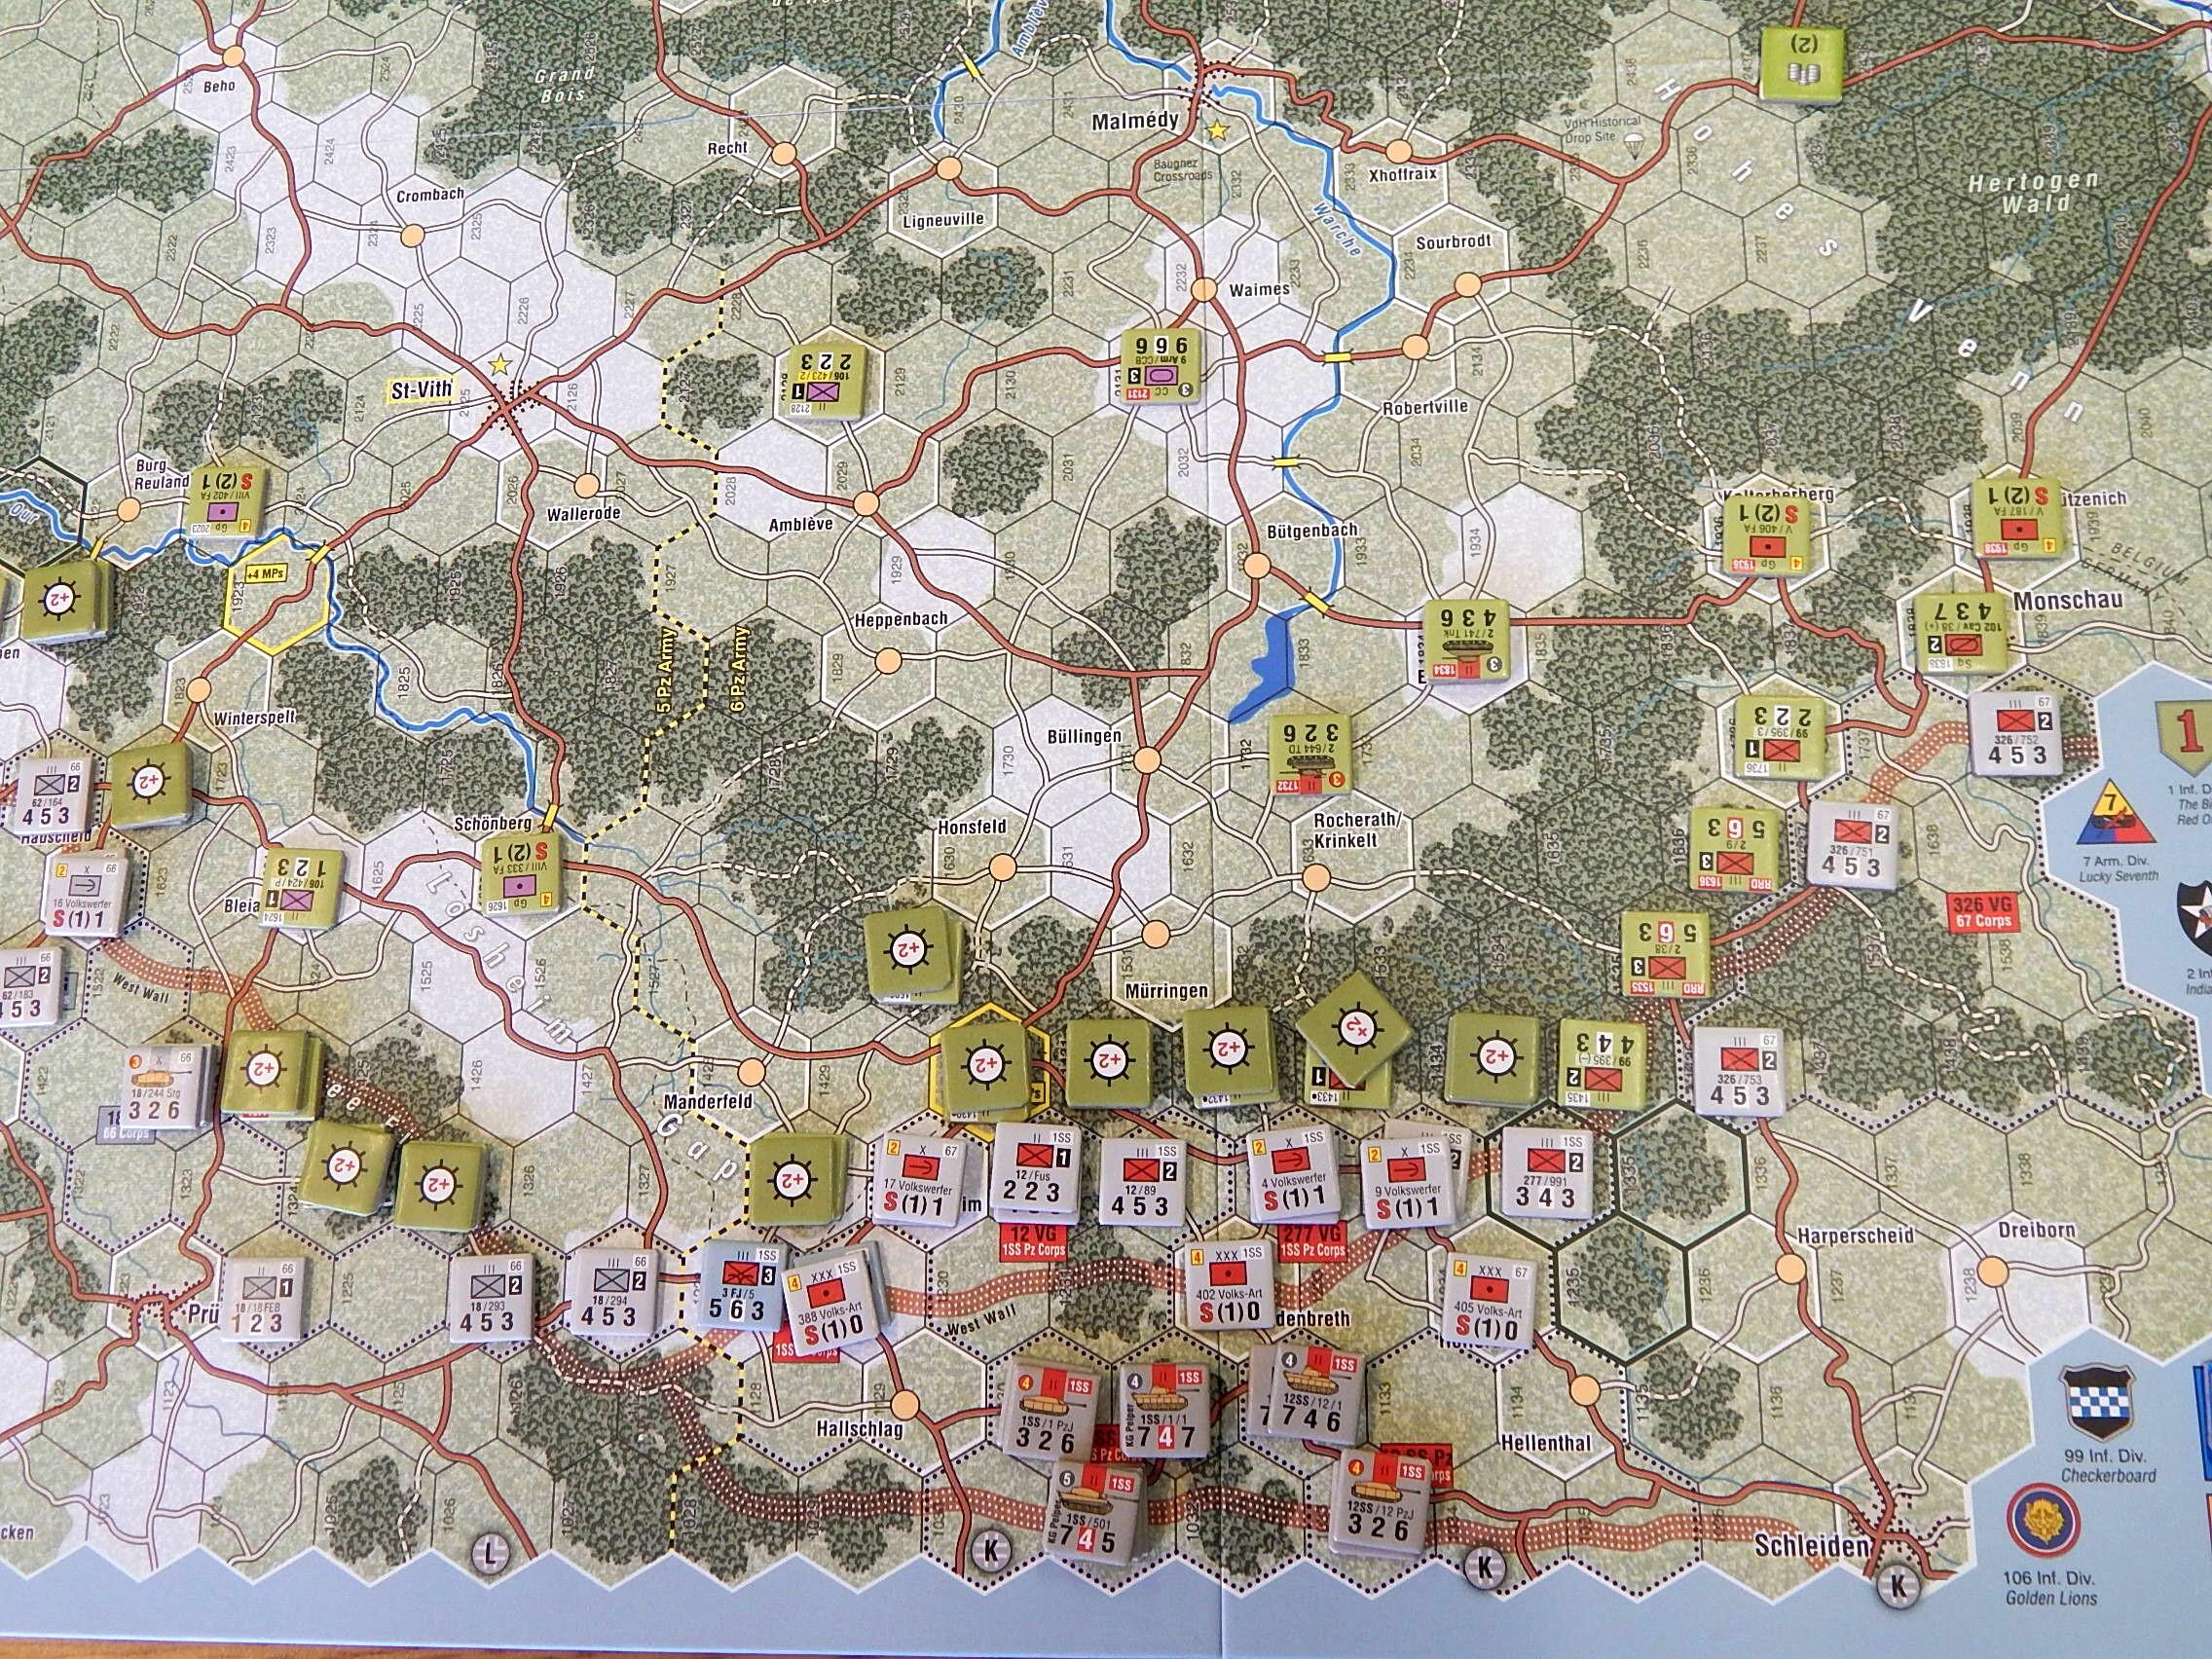 https://i.ibb.co/BVKQP29/Ardennes-44-Setup-B.jpg